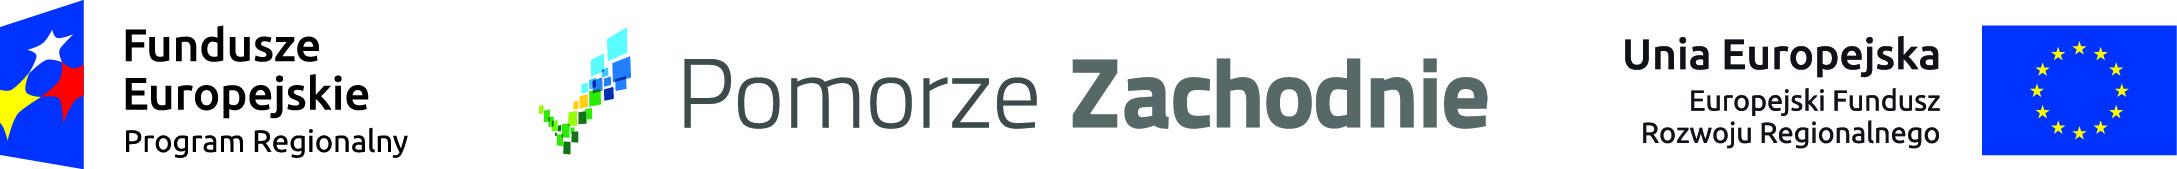 ciąg logotypów_NSS-UE-EFRR_RPO-WZ_14-20_kolor-PZ jedna linia